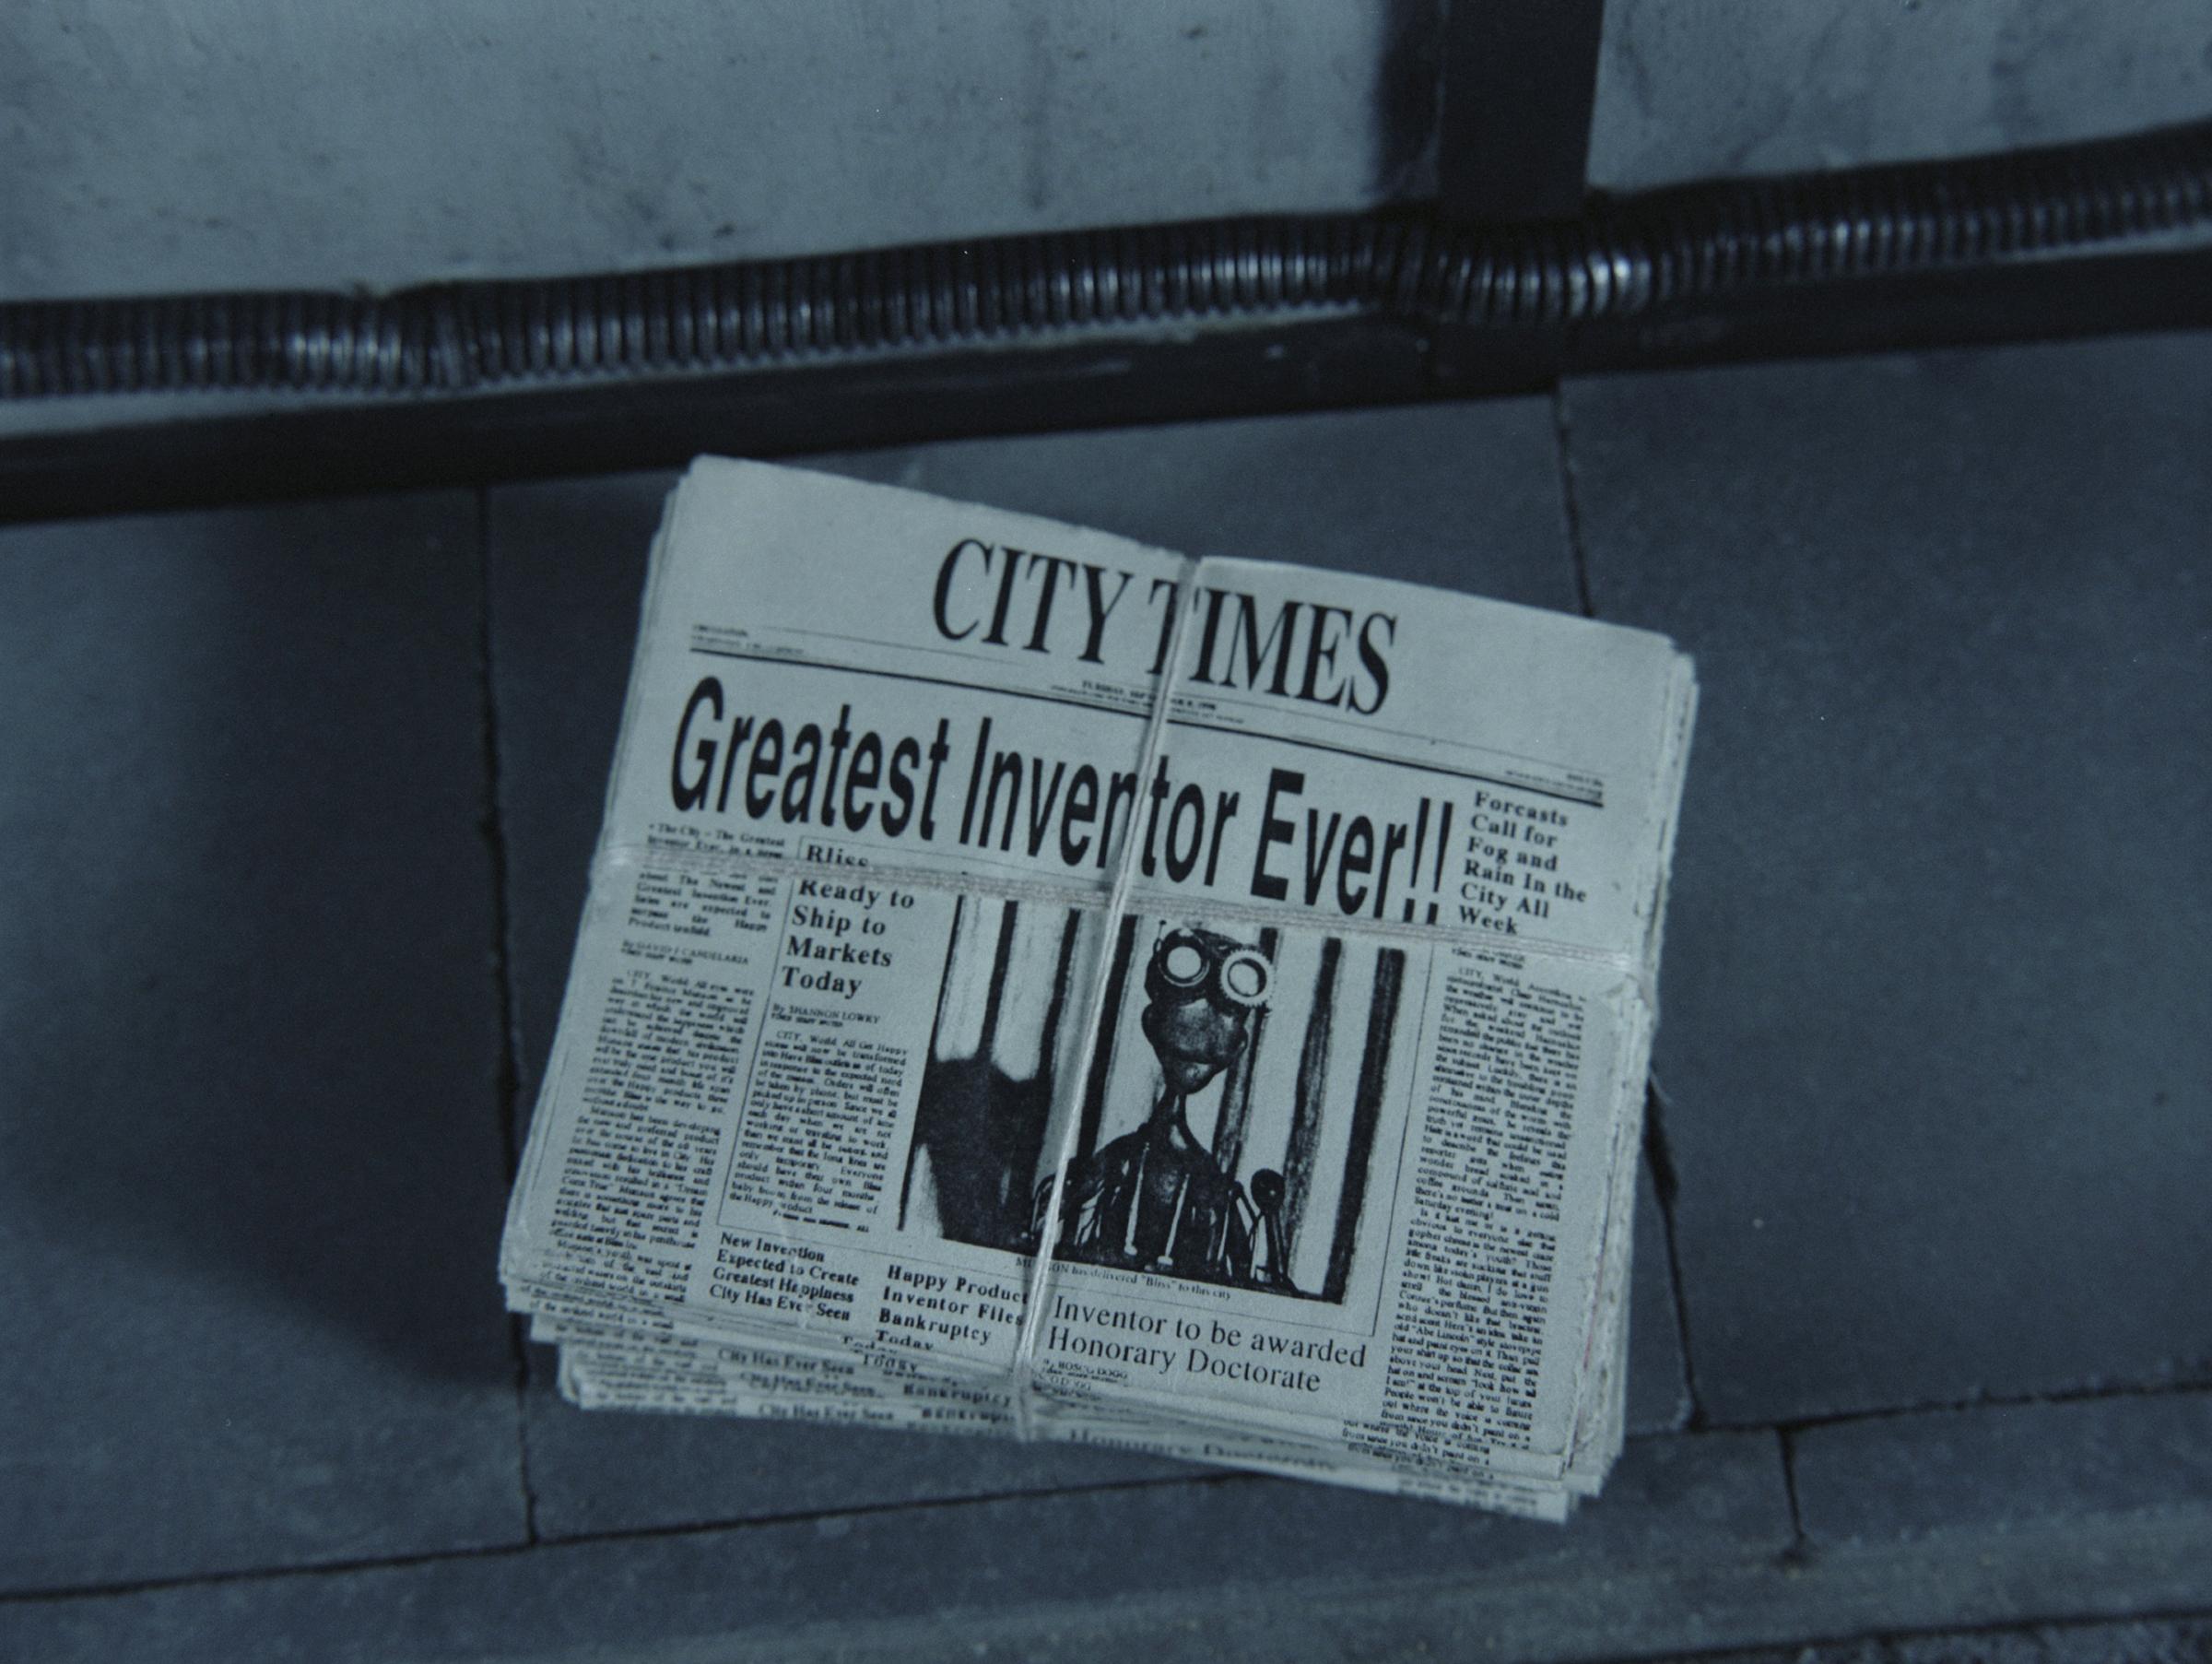 MORE_stills_013_newspapers.jpg